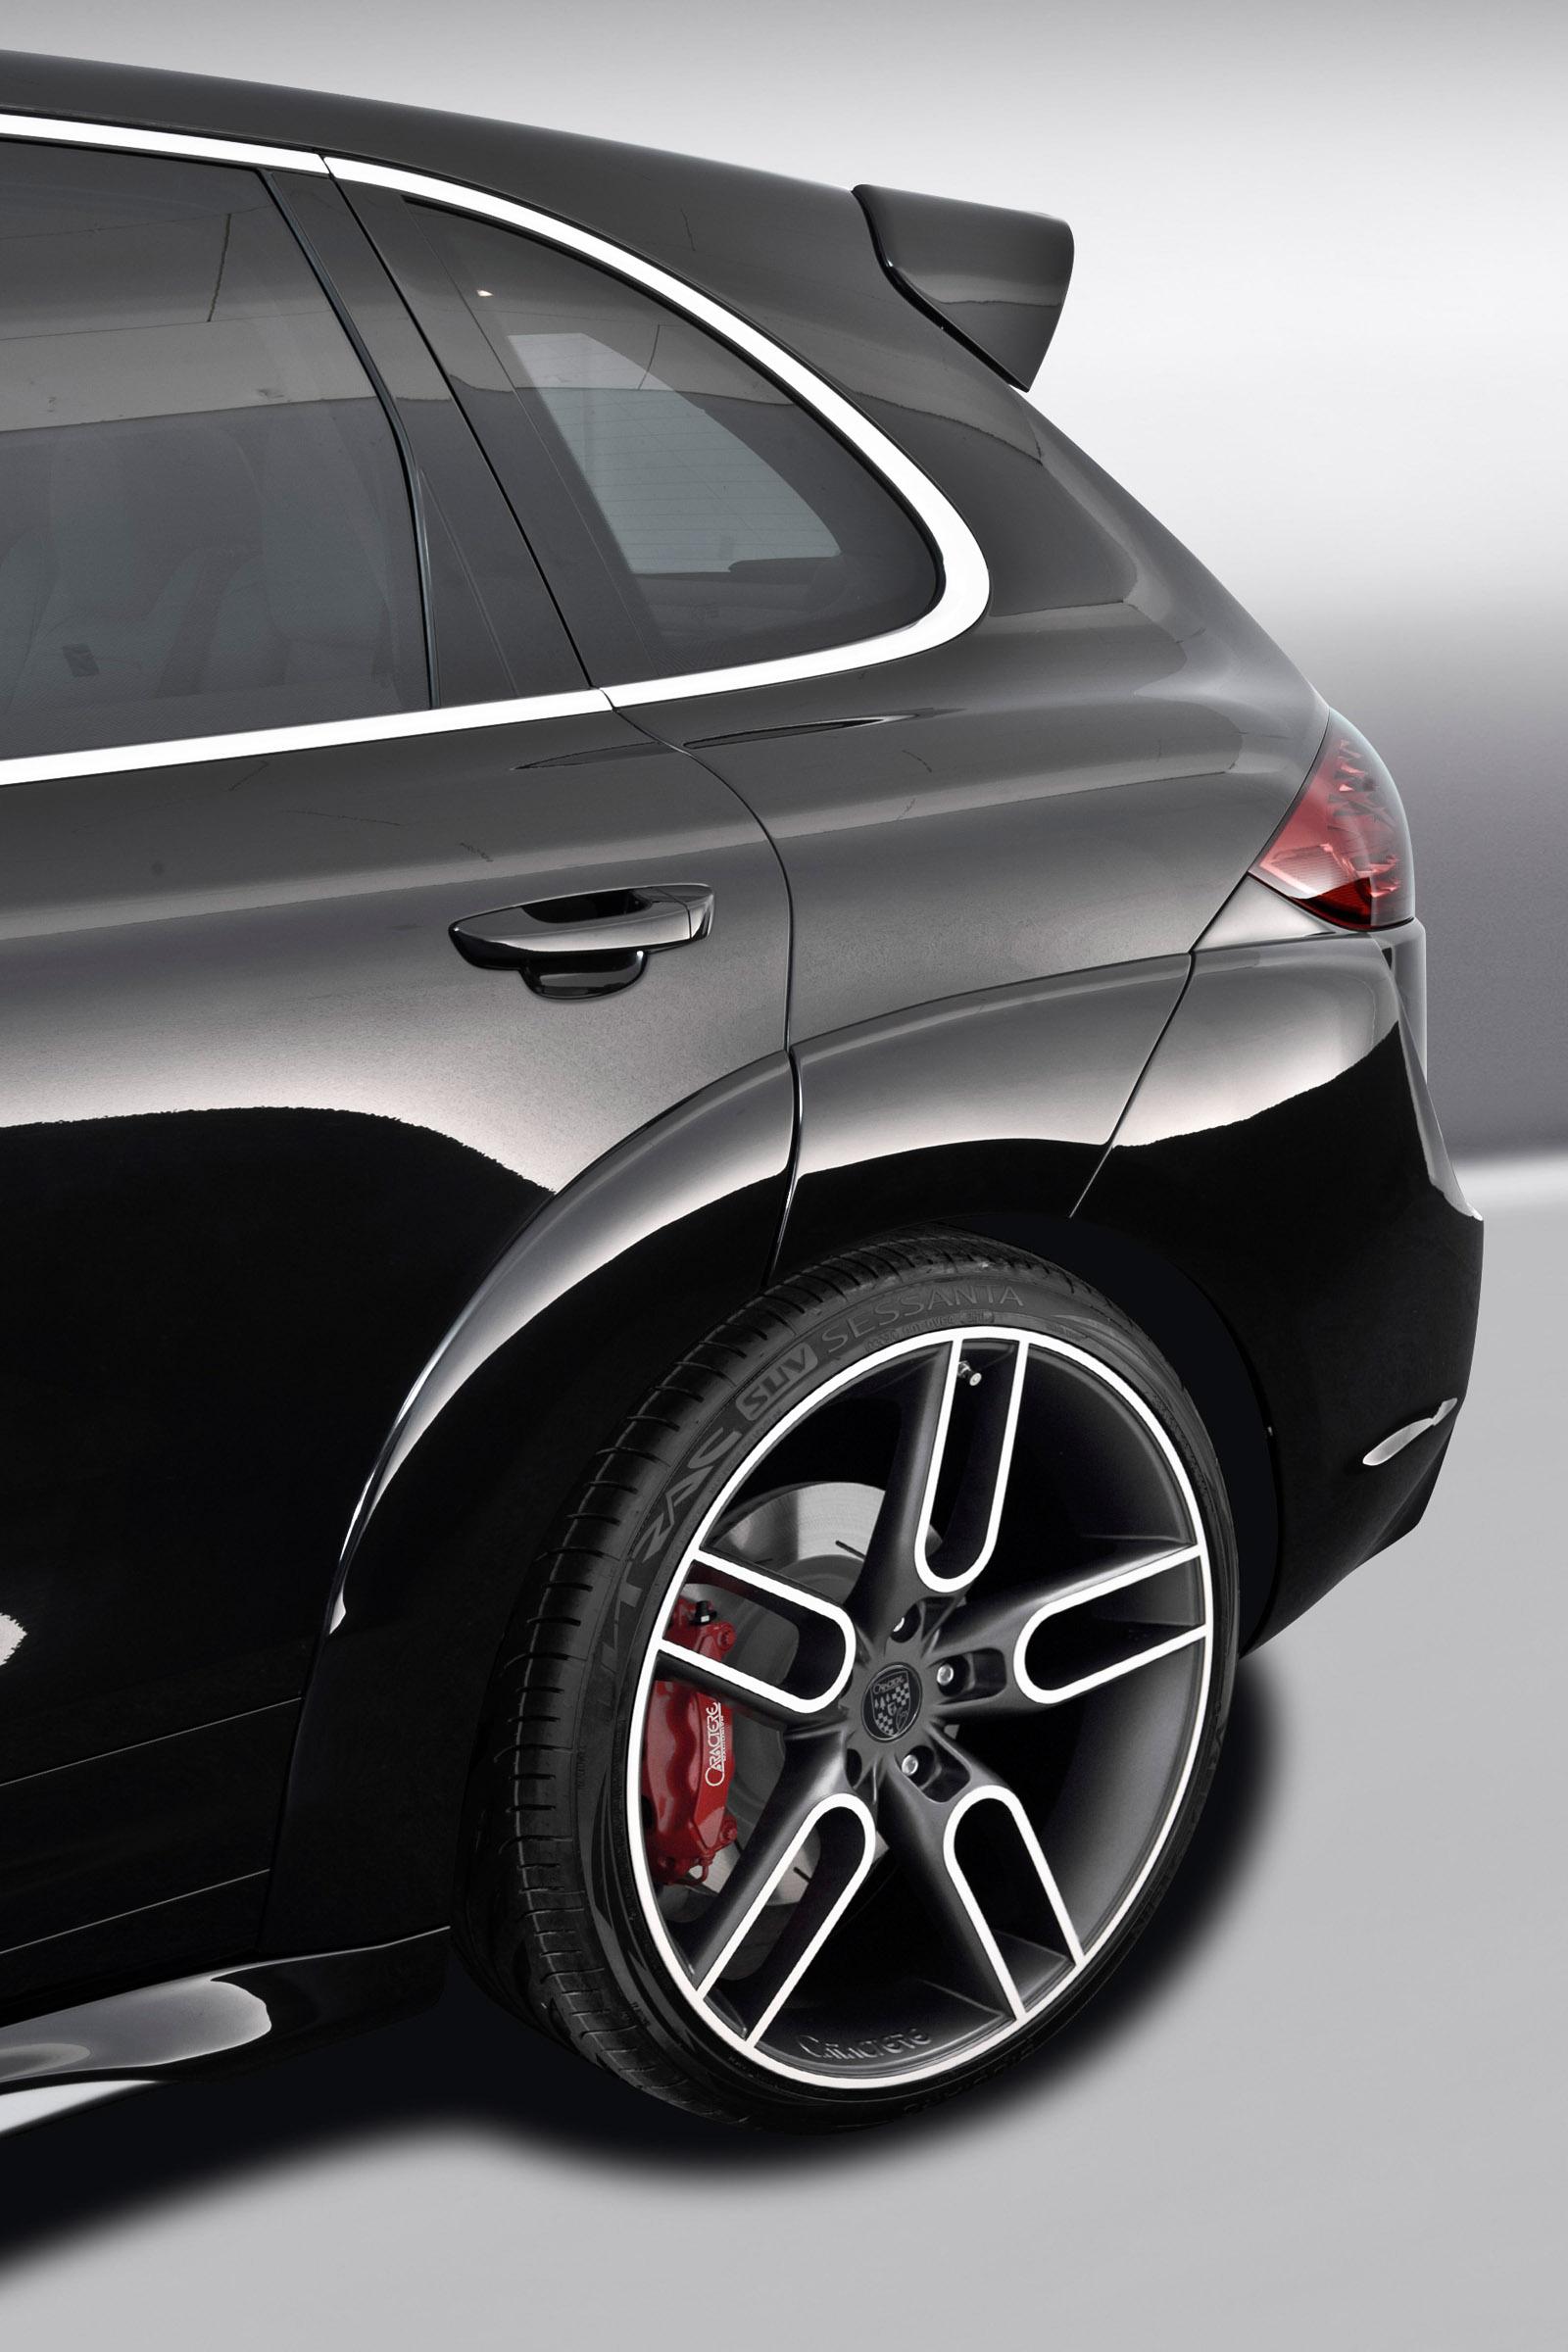 2012 Caractere Porsche Cayenne